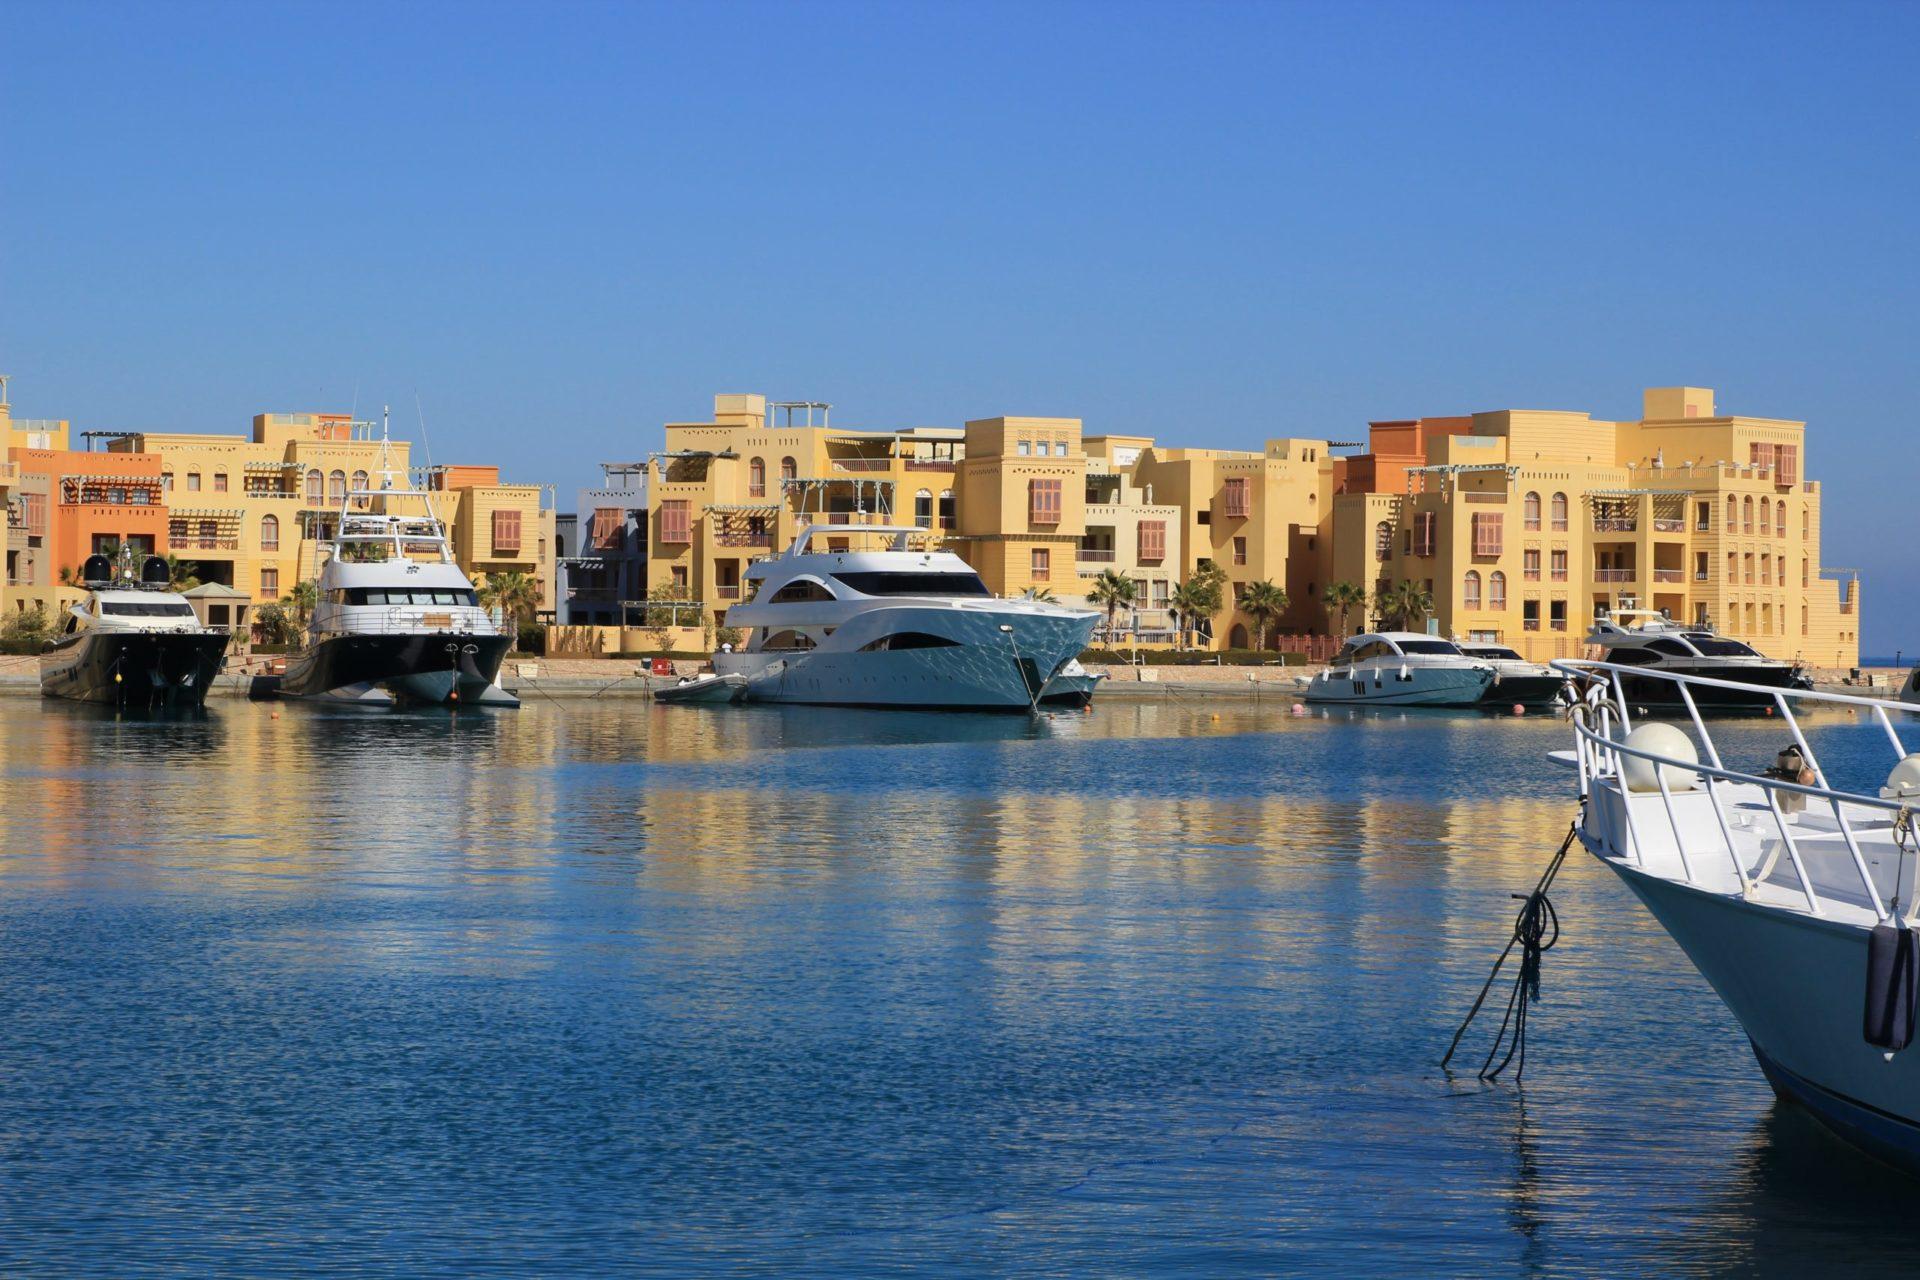 Wassertemperatur El Gouna: Yachthafen Abu Tig Marina am Roten Meer bei El Gouna mit Apartments im Hintergrund